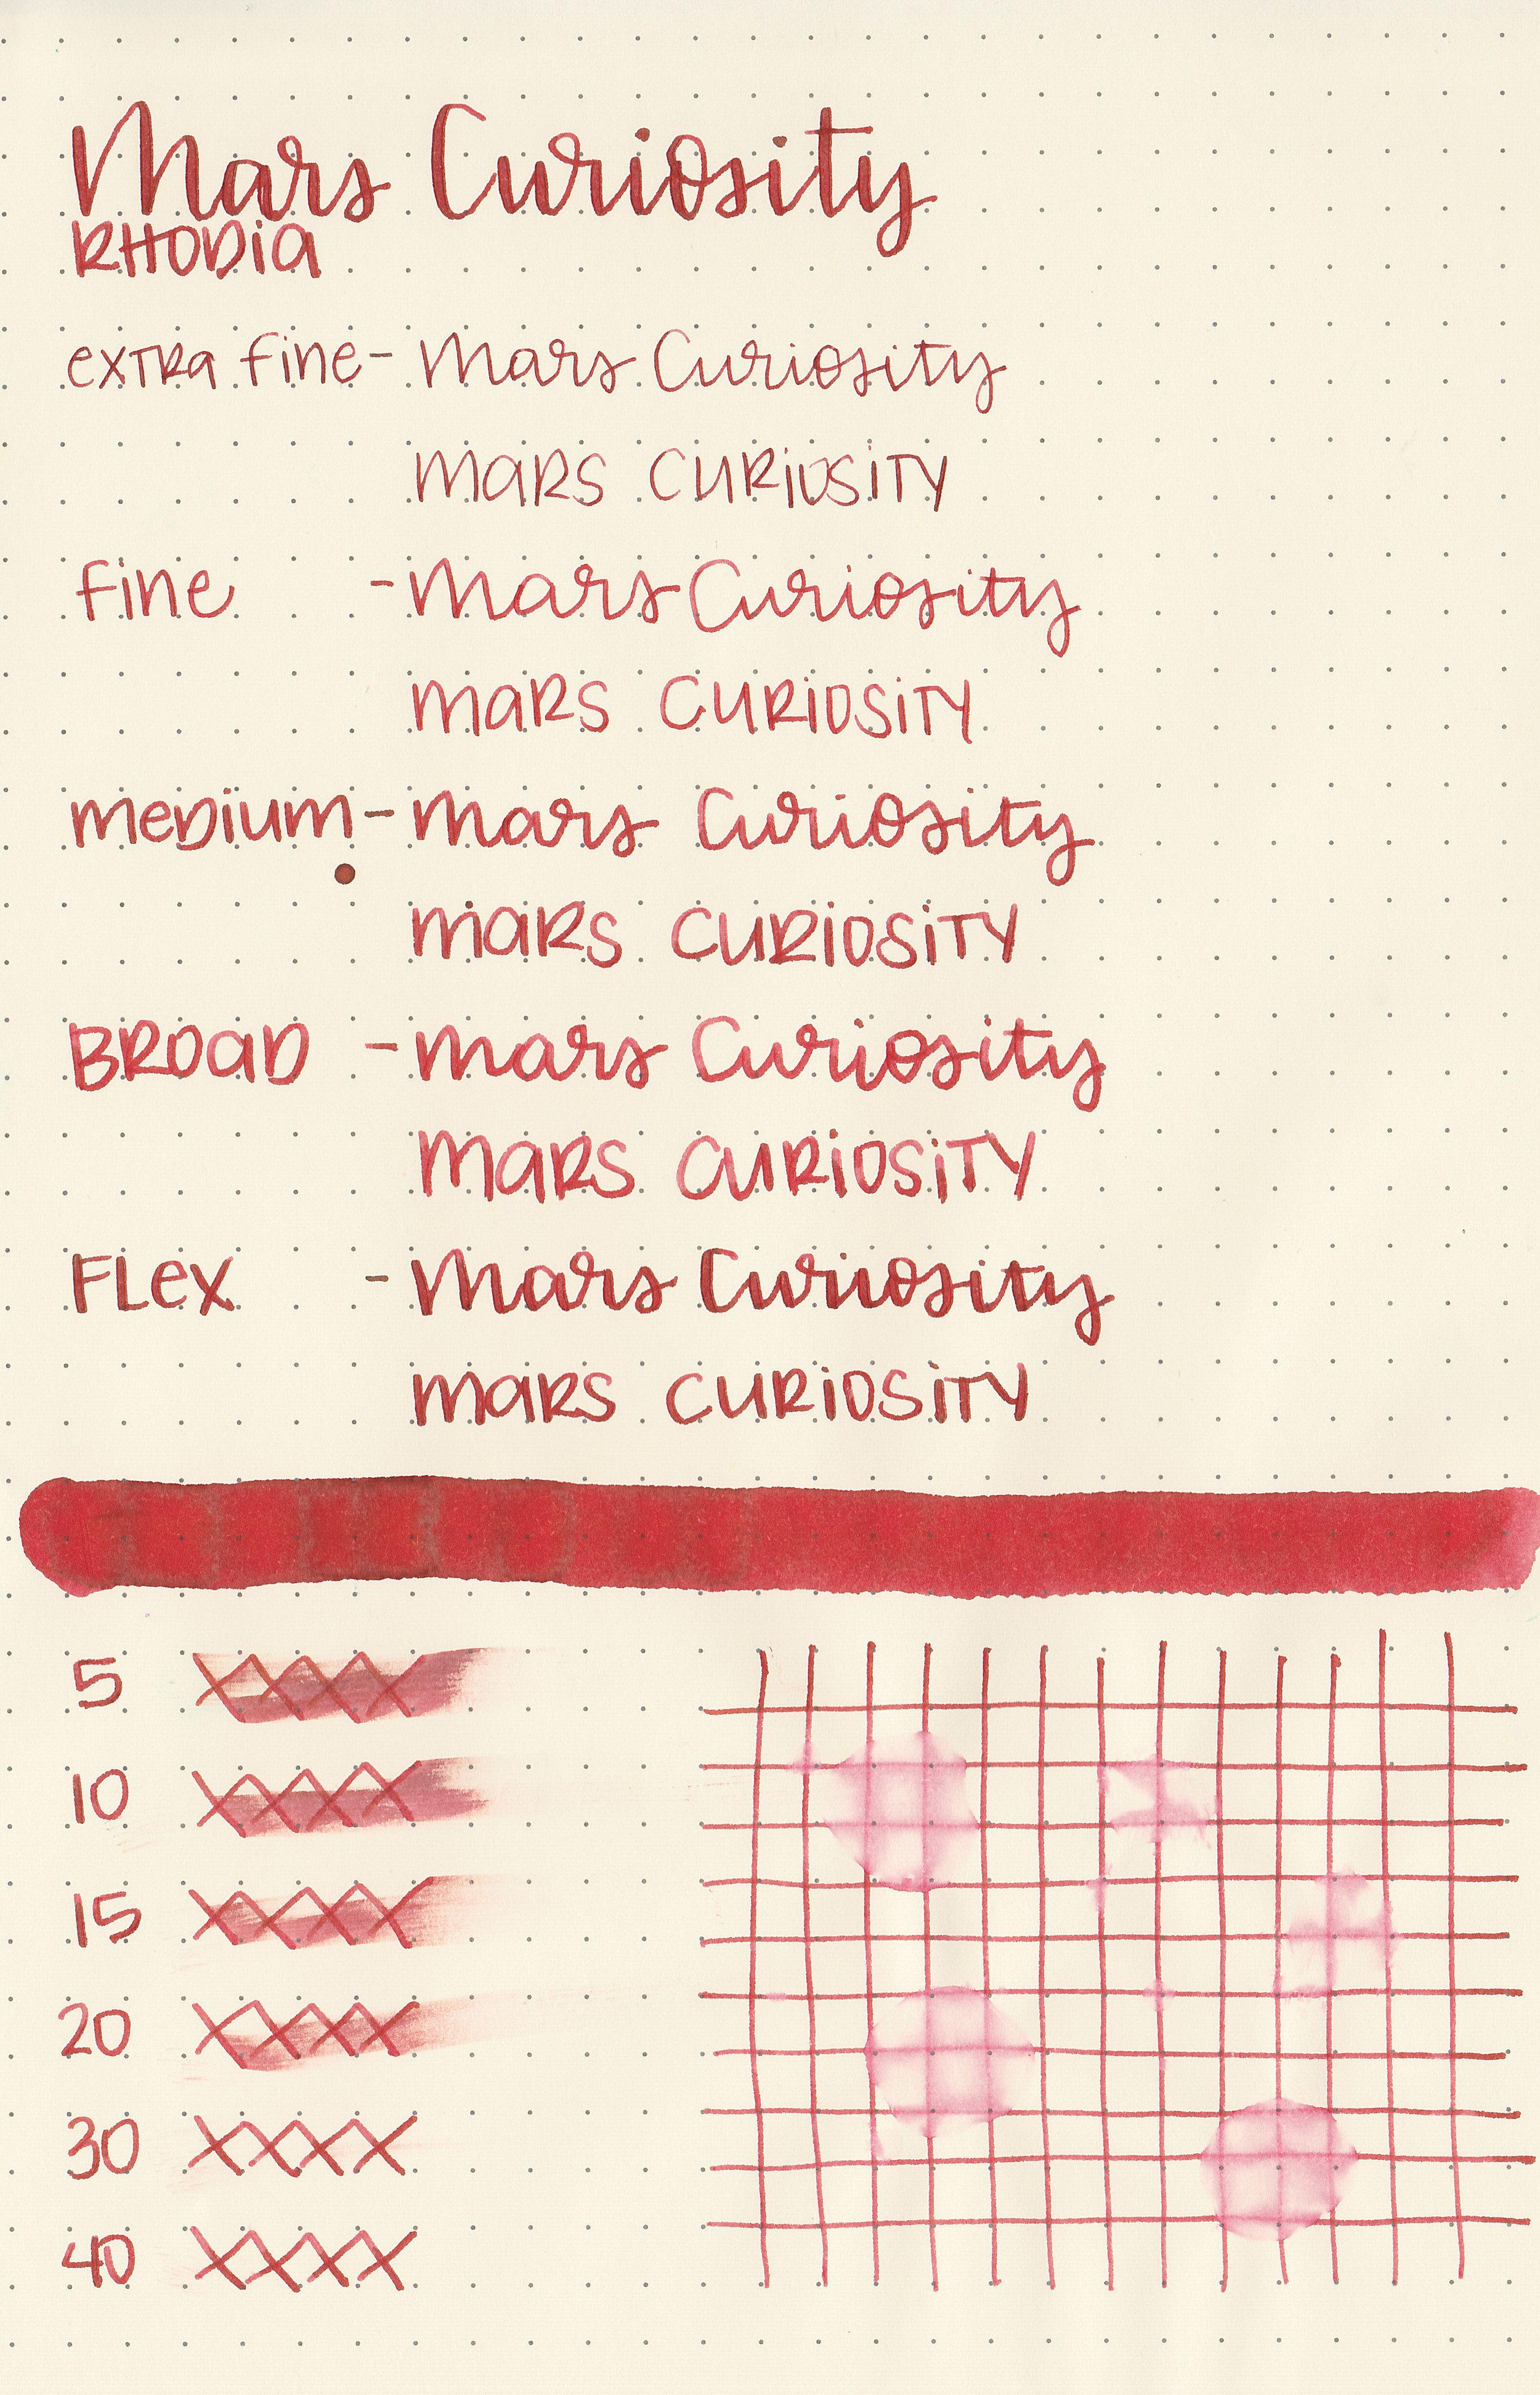 cv-mars-curiosity-6.jpg